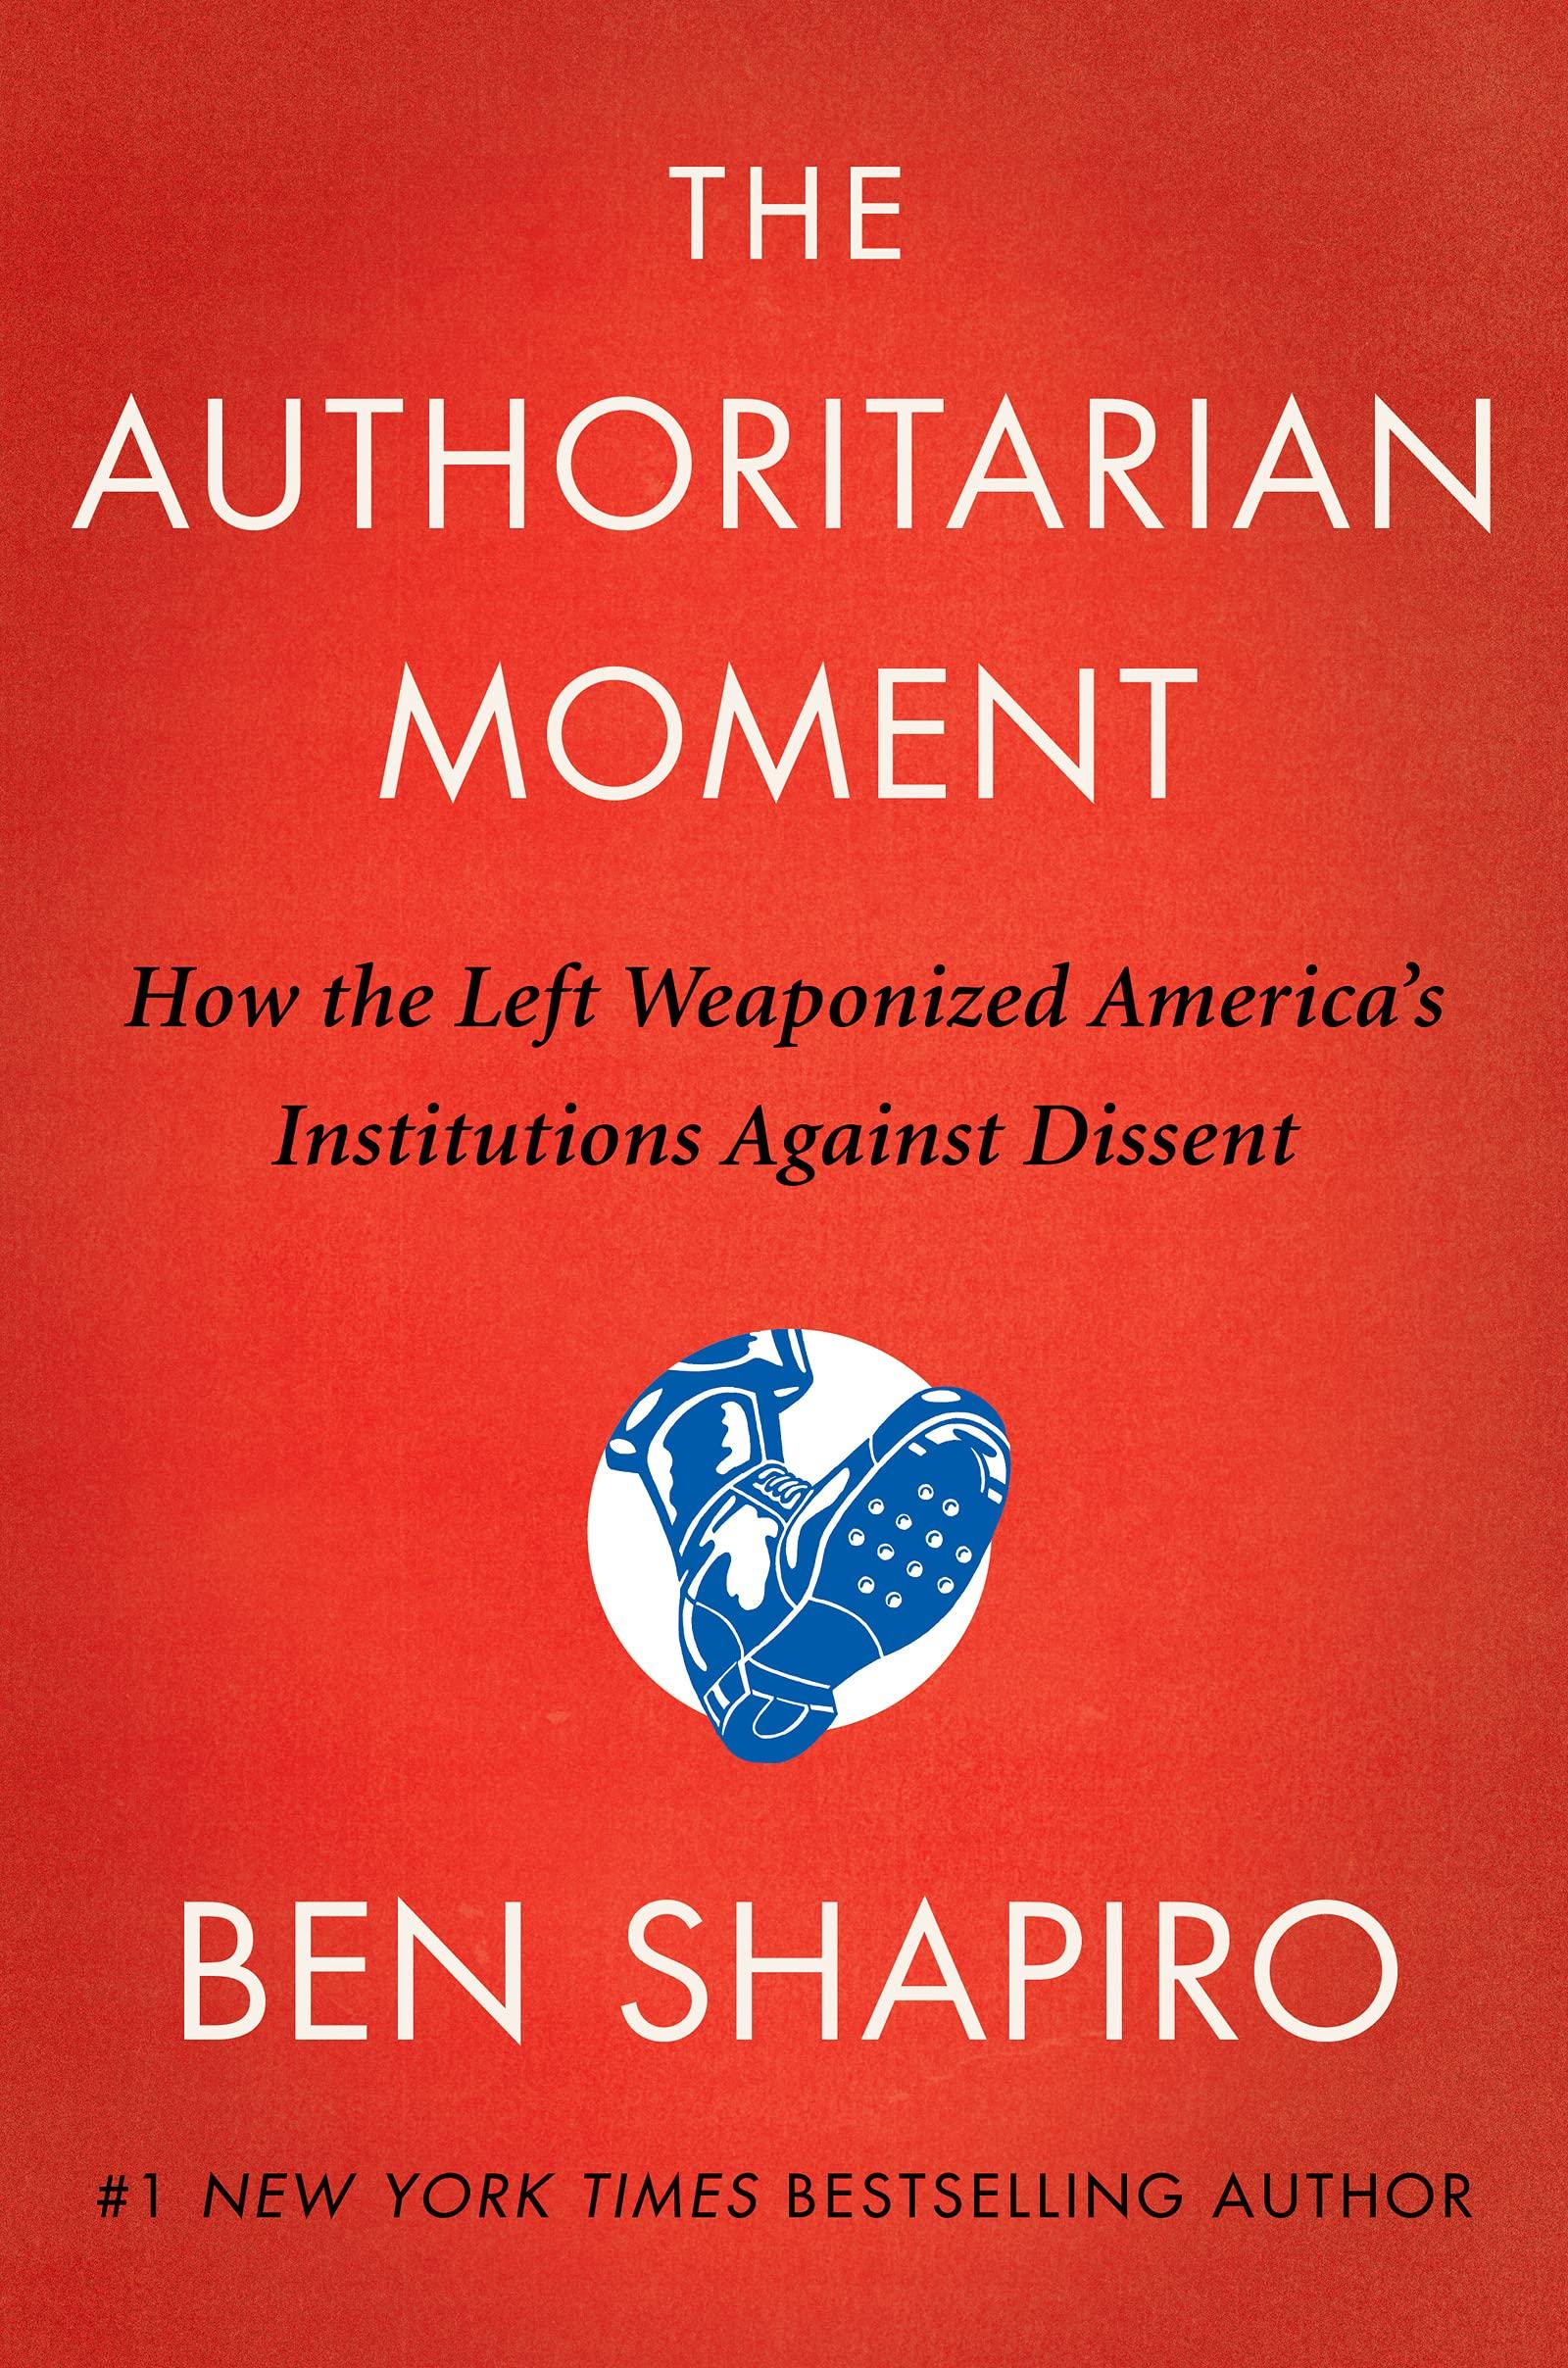 THE AUTHORITARIAN MOMENT. SHAPIRO